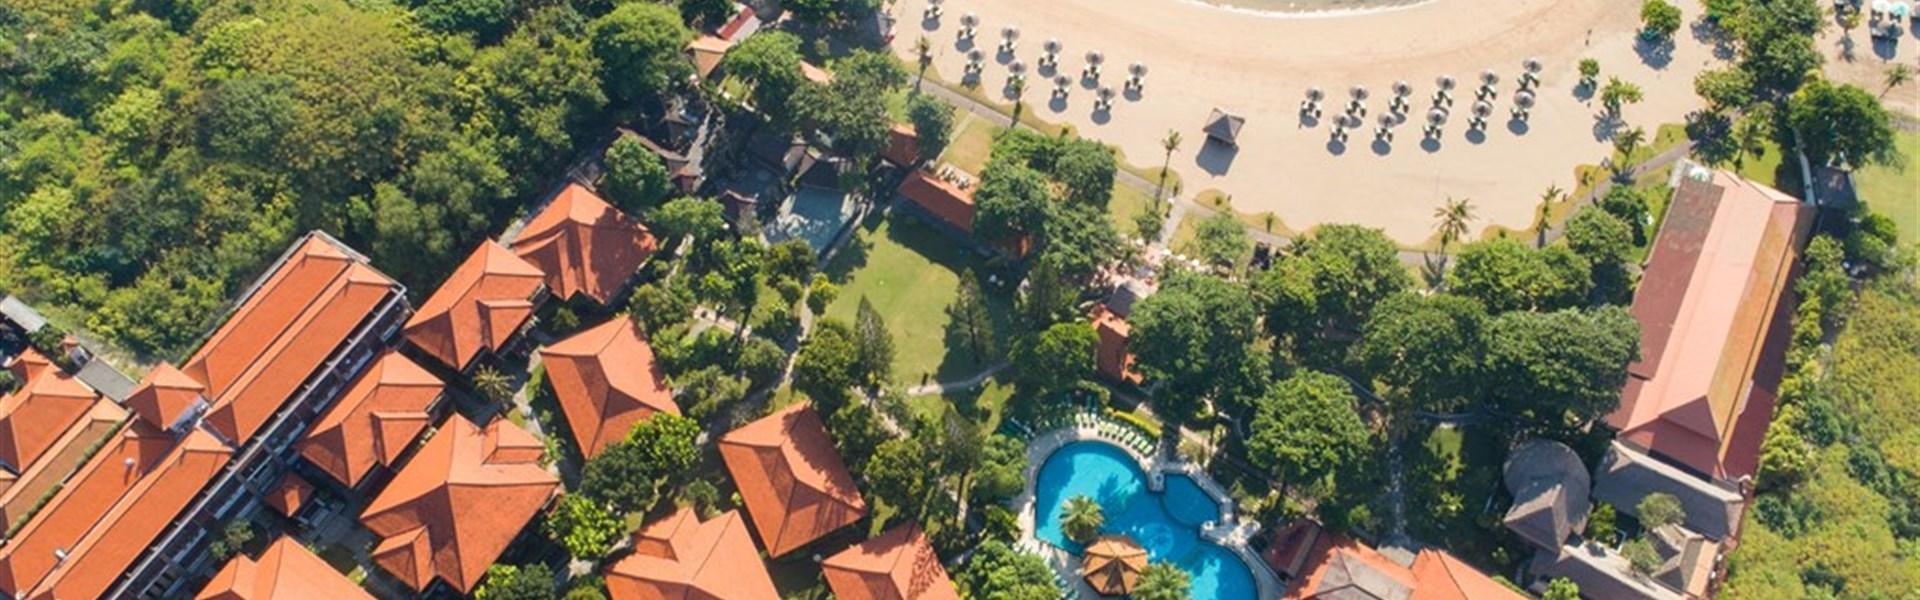 Marco Polo - Bali Tropic - hotelová zahrada a pláž